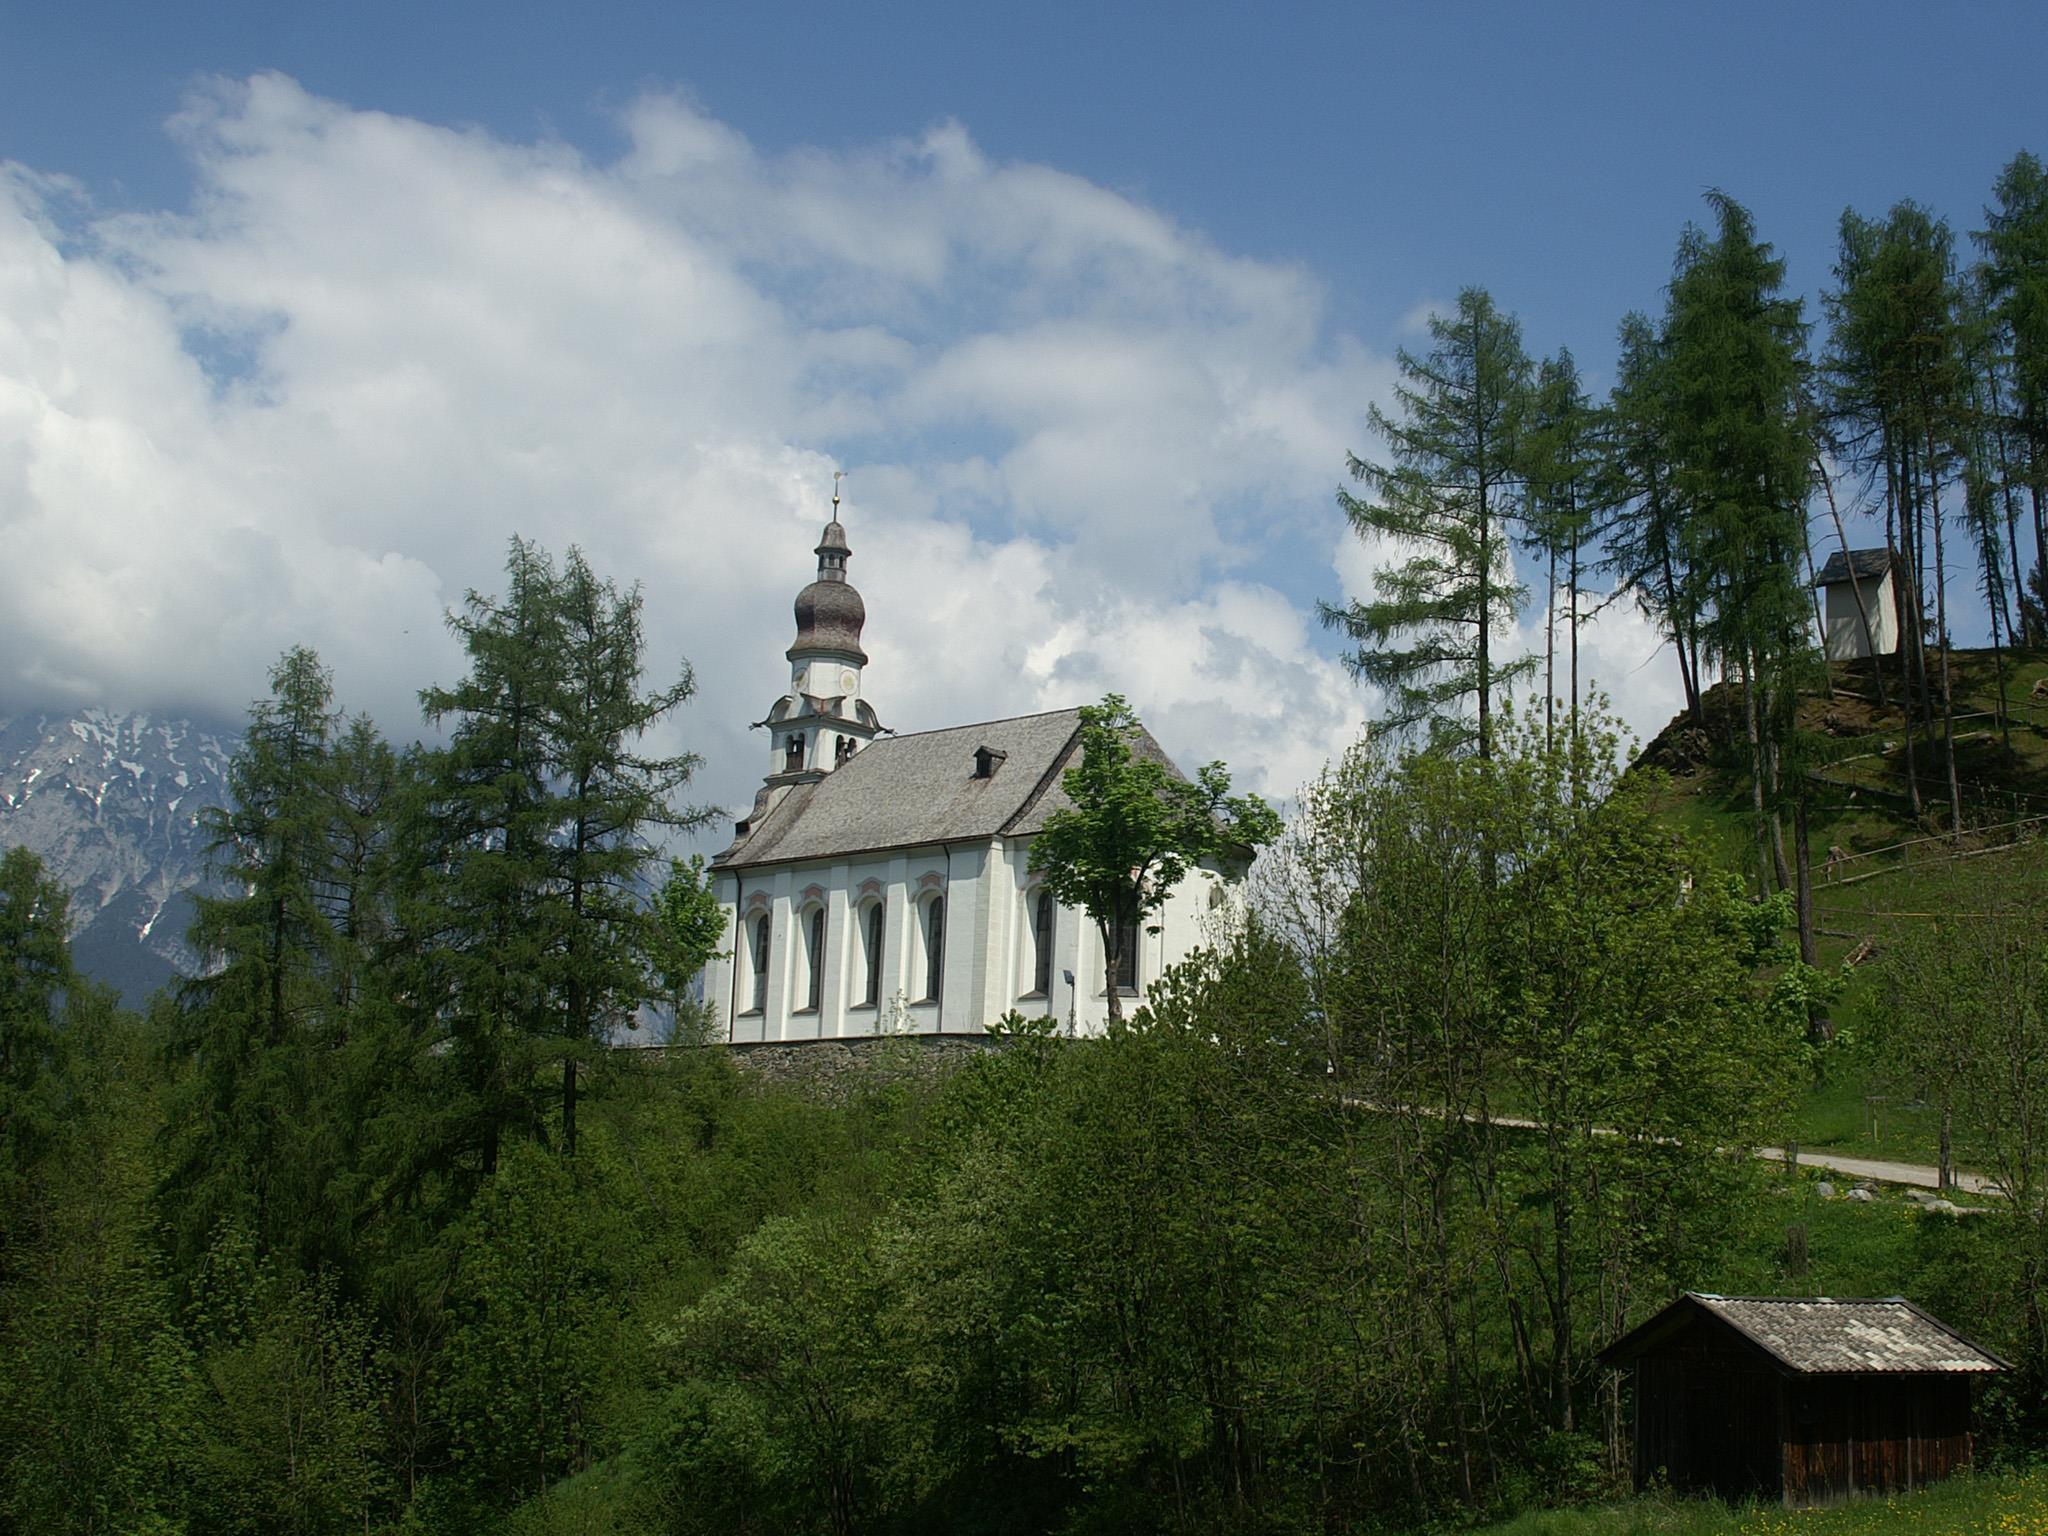 Wallfahrtskirche zum Heiligen Antonius